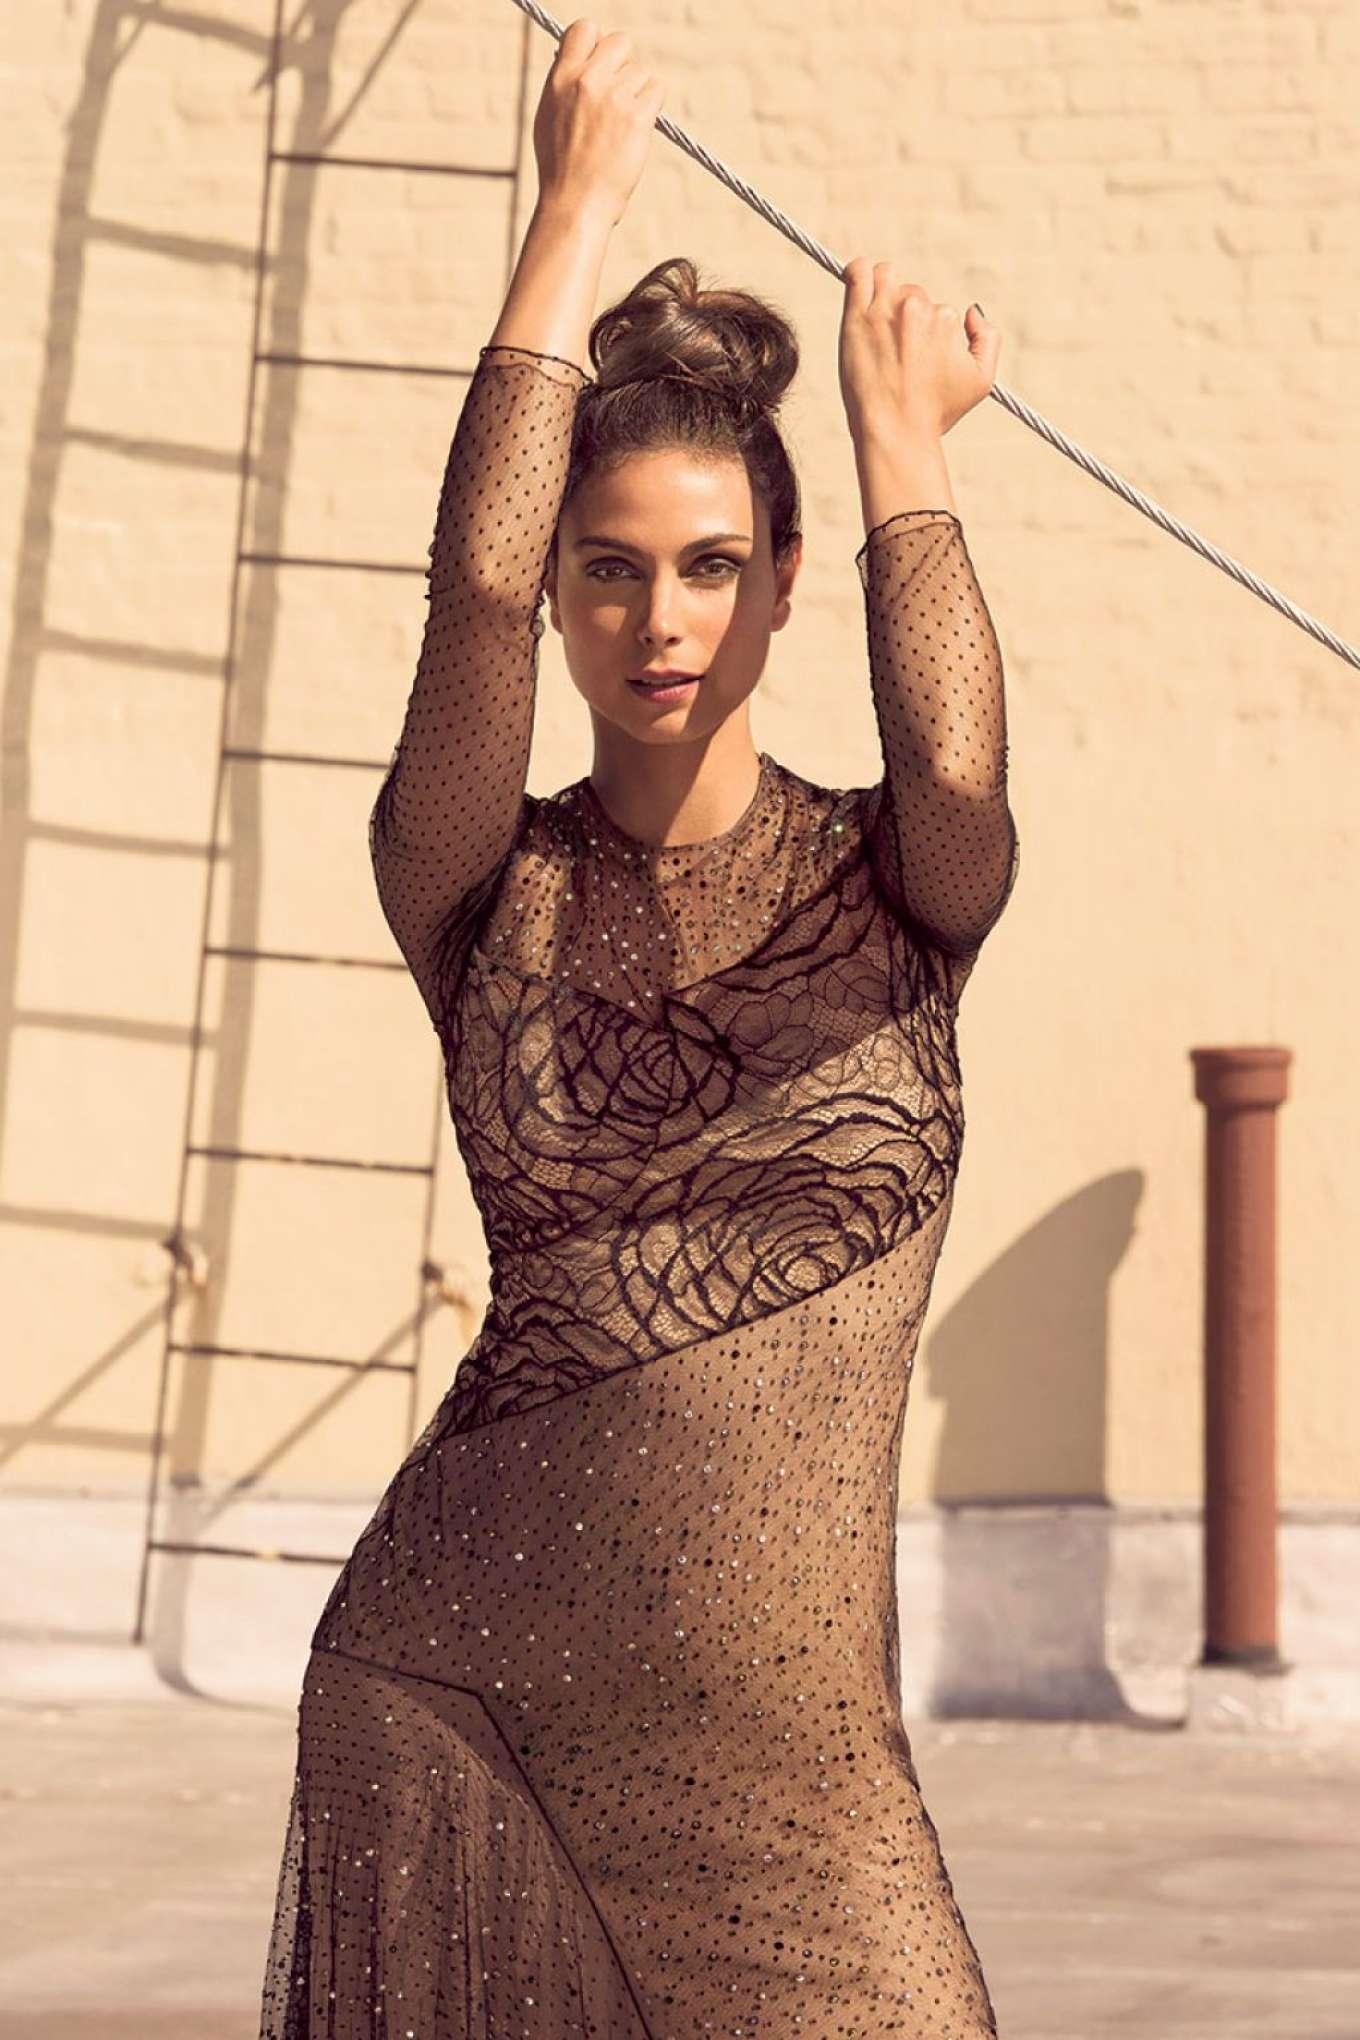 Morena Baccarin - Photoshoot for NY Post's Alexa Magazine (October 2017)